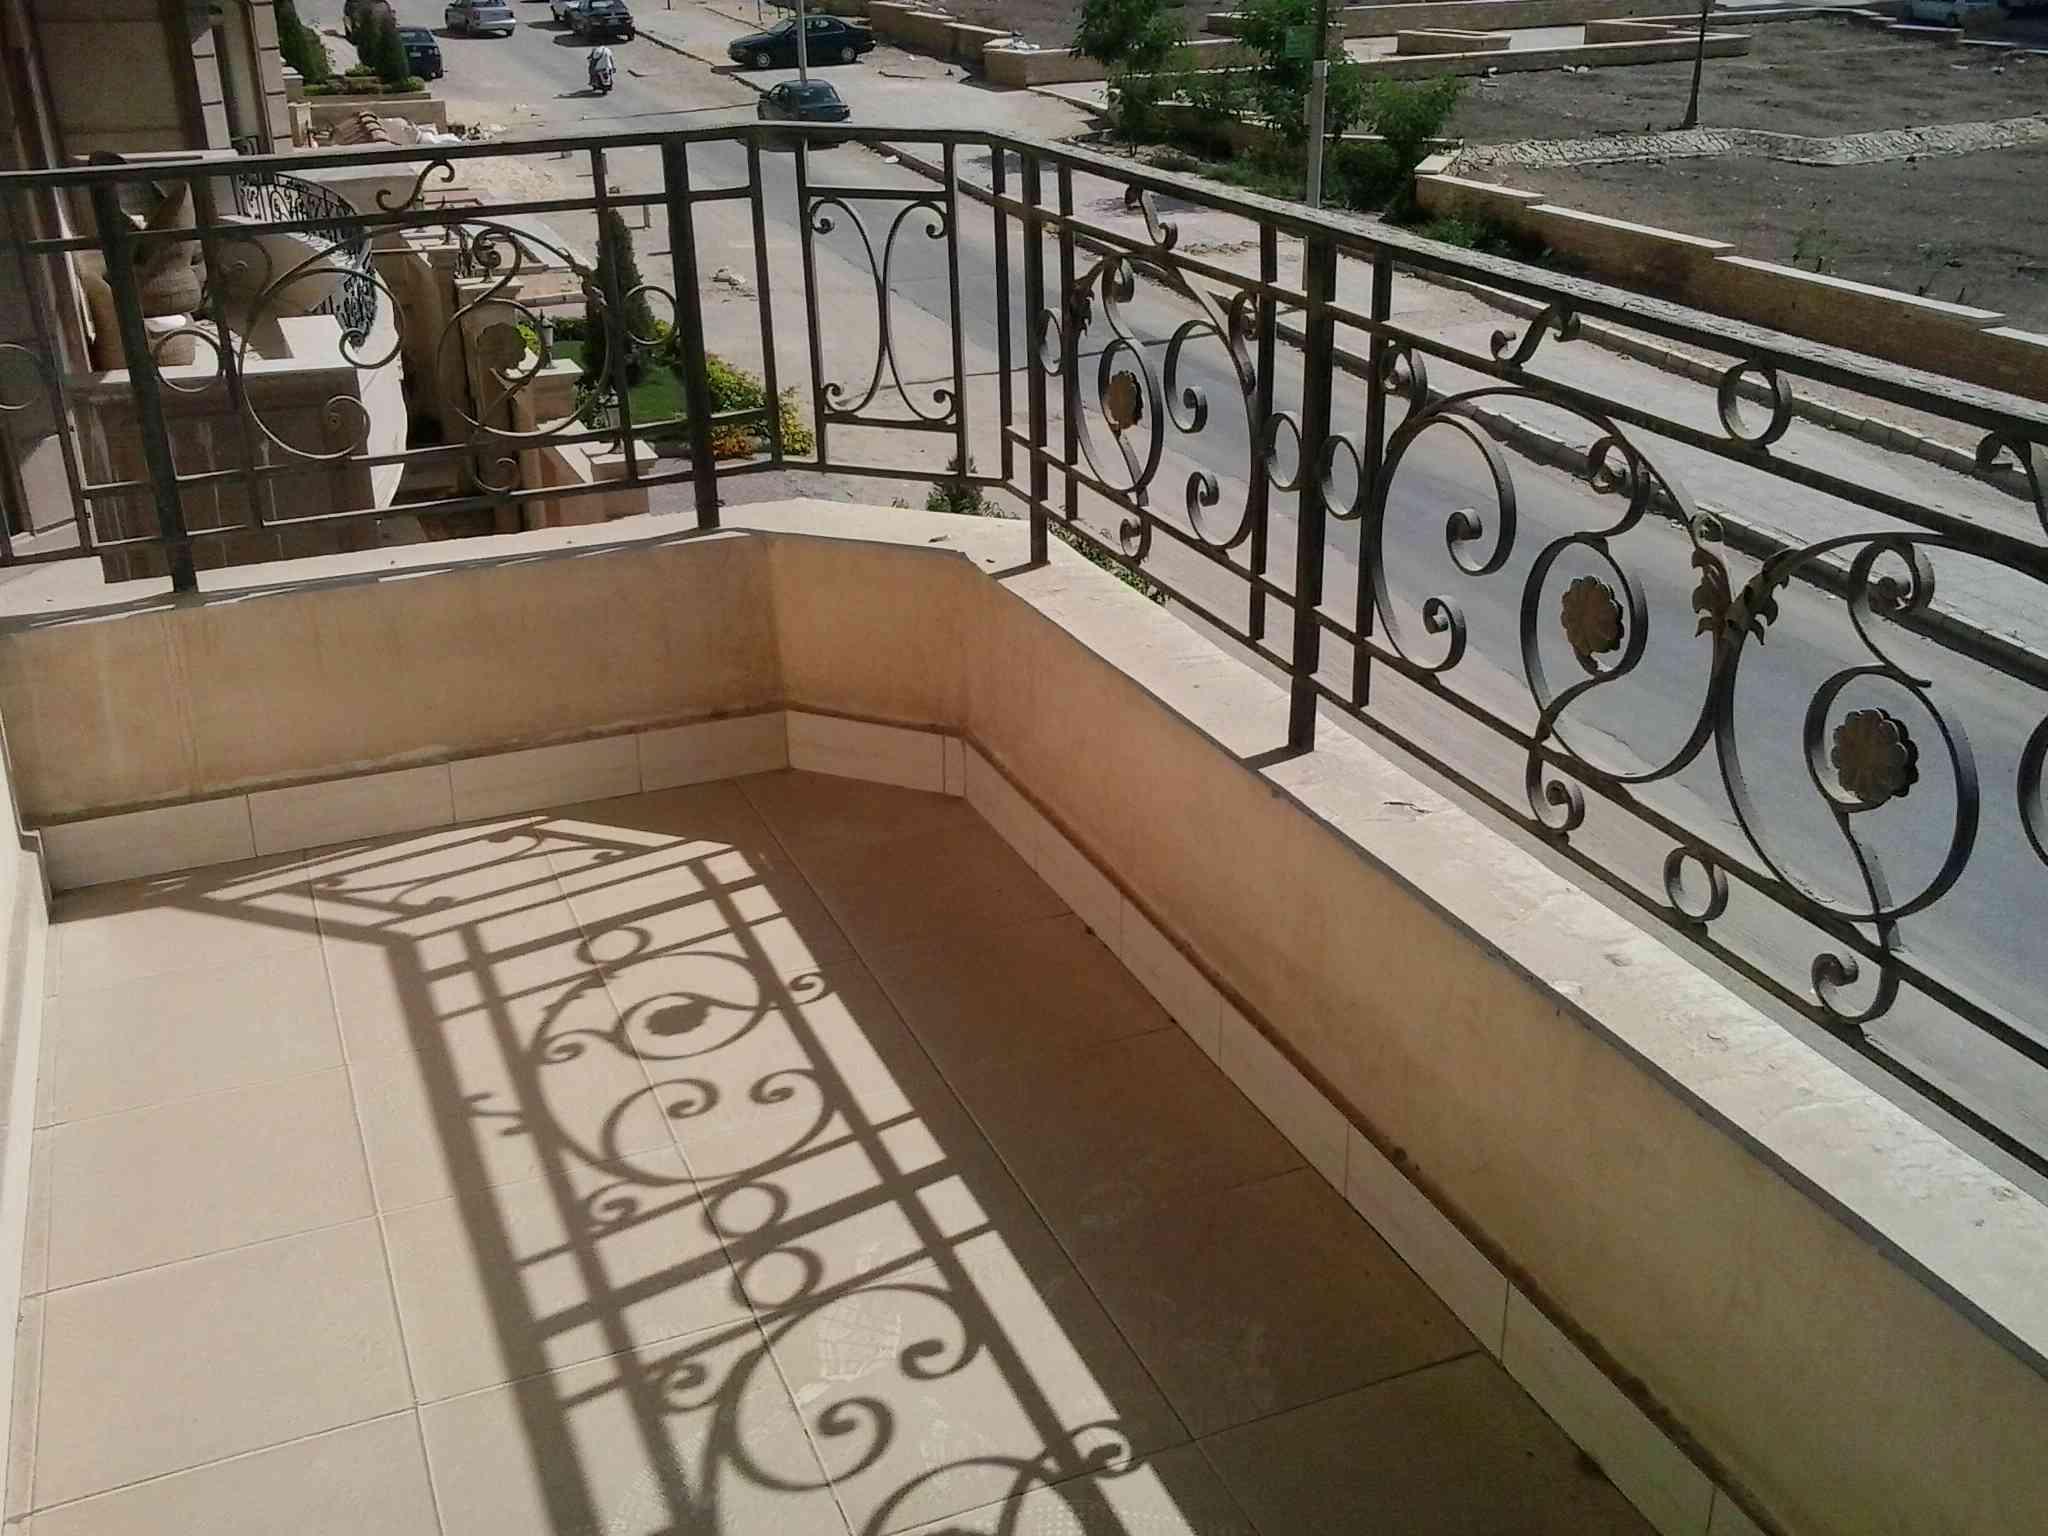 عقار ستوك - شقة مفروشة للإيجار في مصر الجديدة (للأجانب فقط)